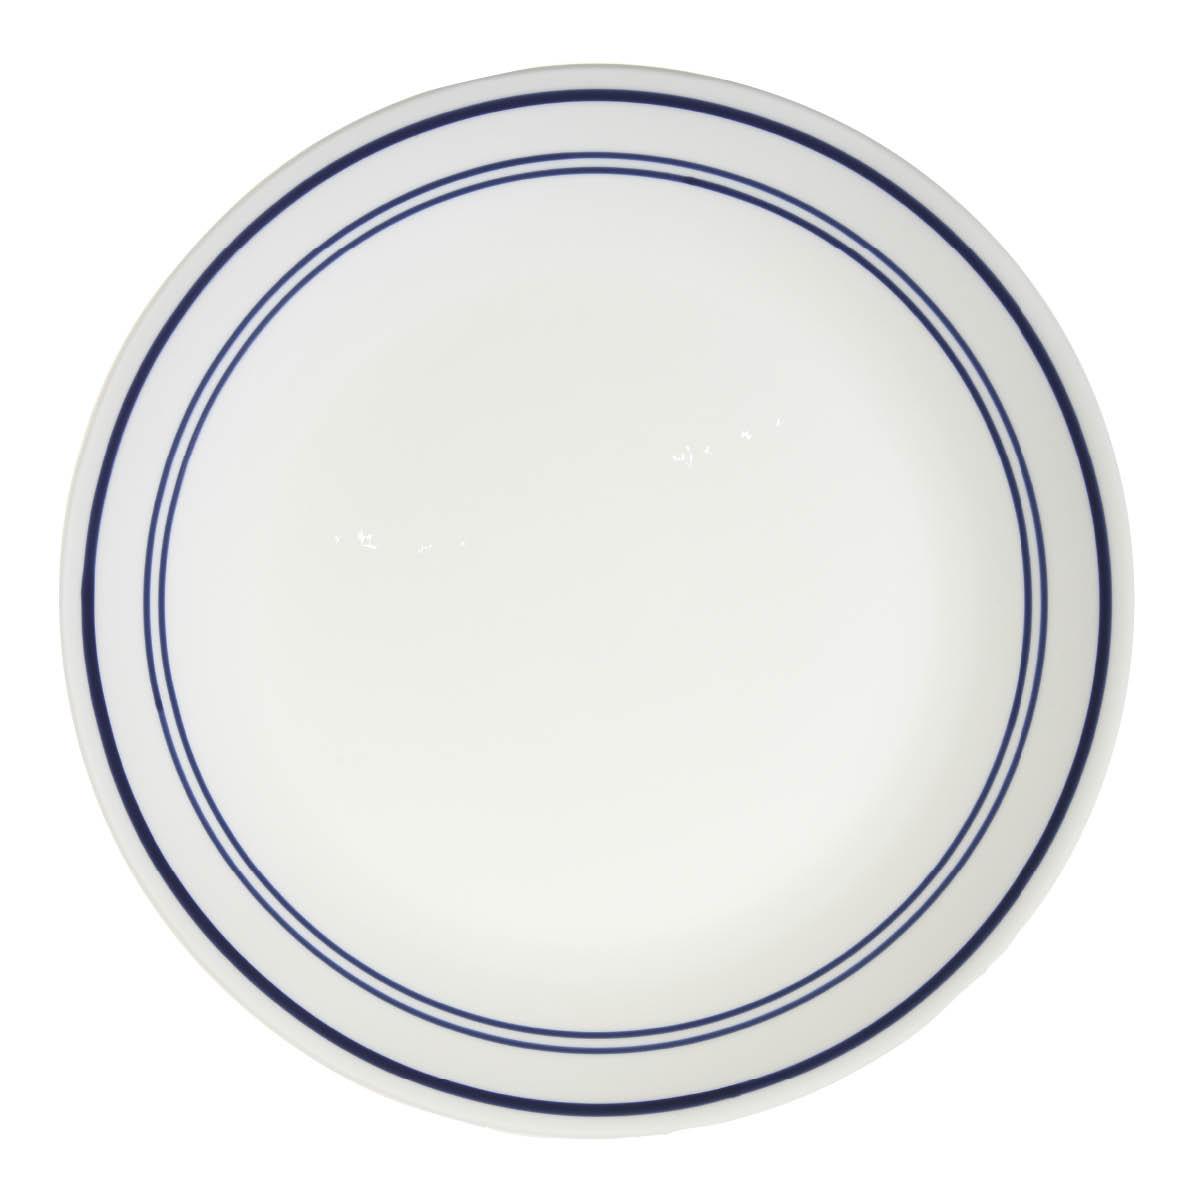 סט ל-12 סועדים 84 חלקים: 36 צלחות Classic café blue + סט סכו״ם 48 חלקים קורנינג - משלוח חינם - תמונה 3